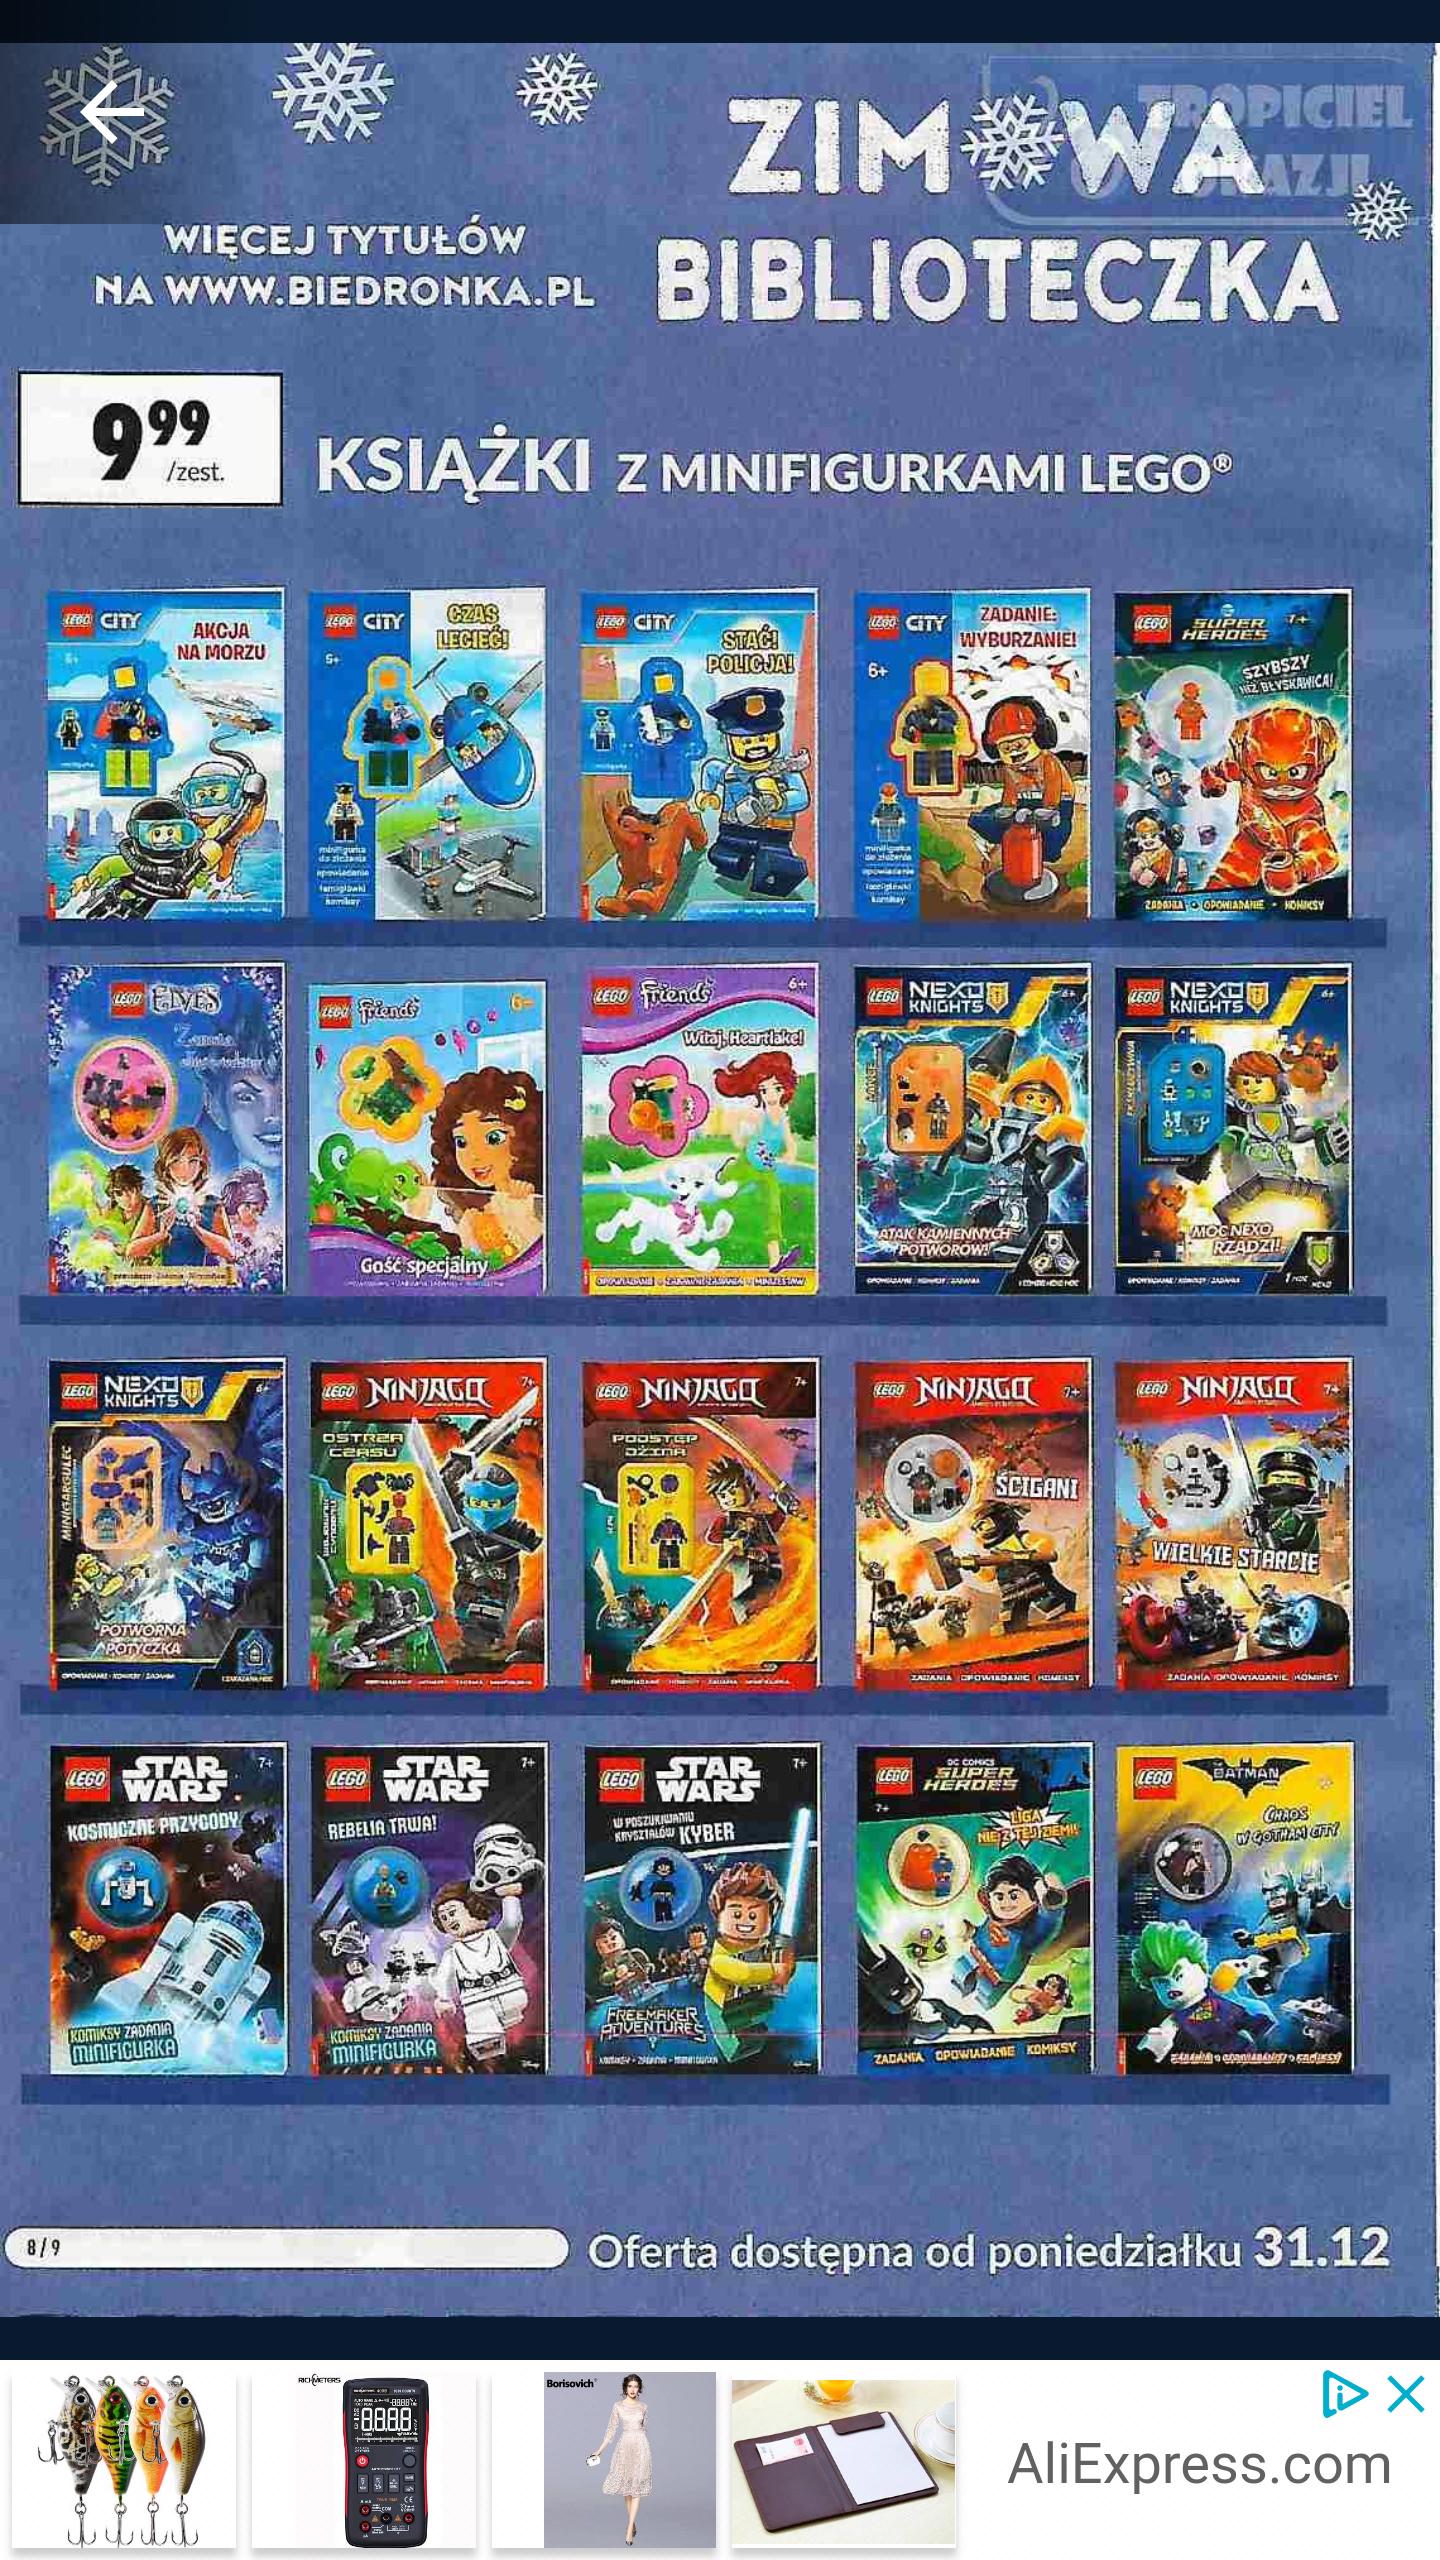 Książki z minifigurkami Lego